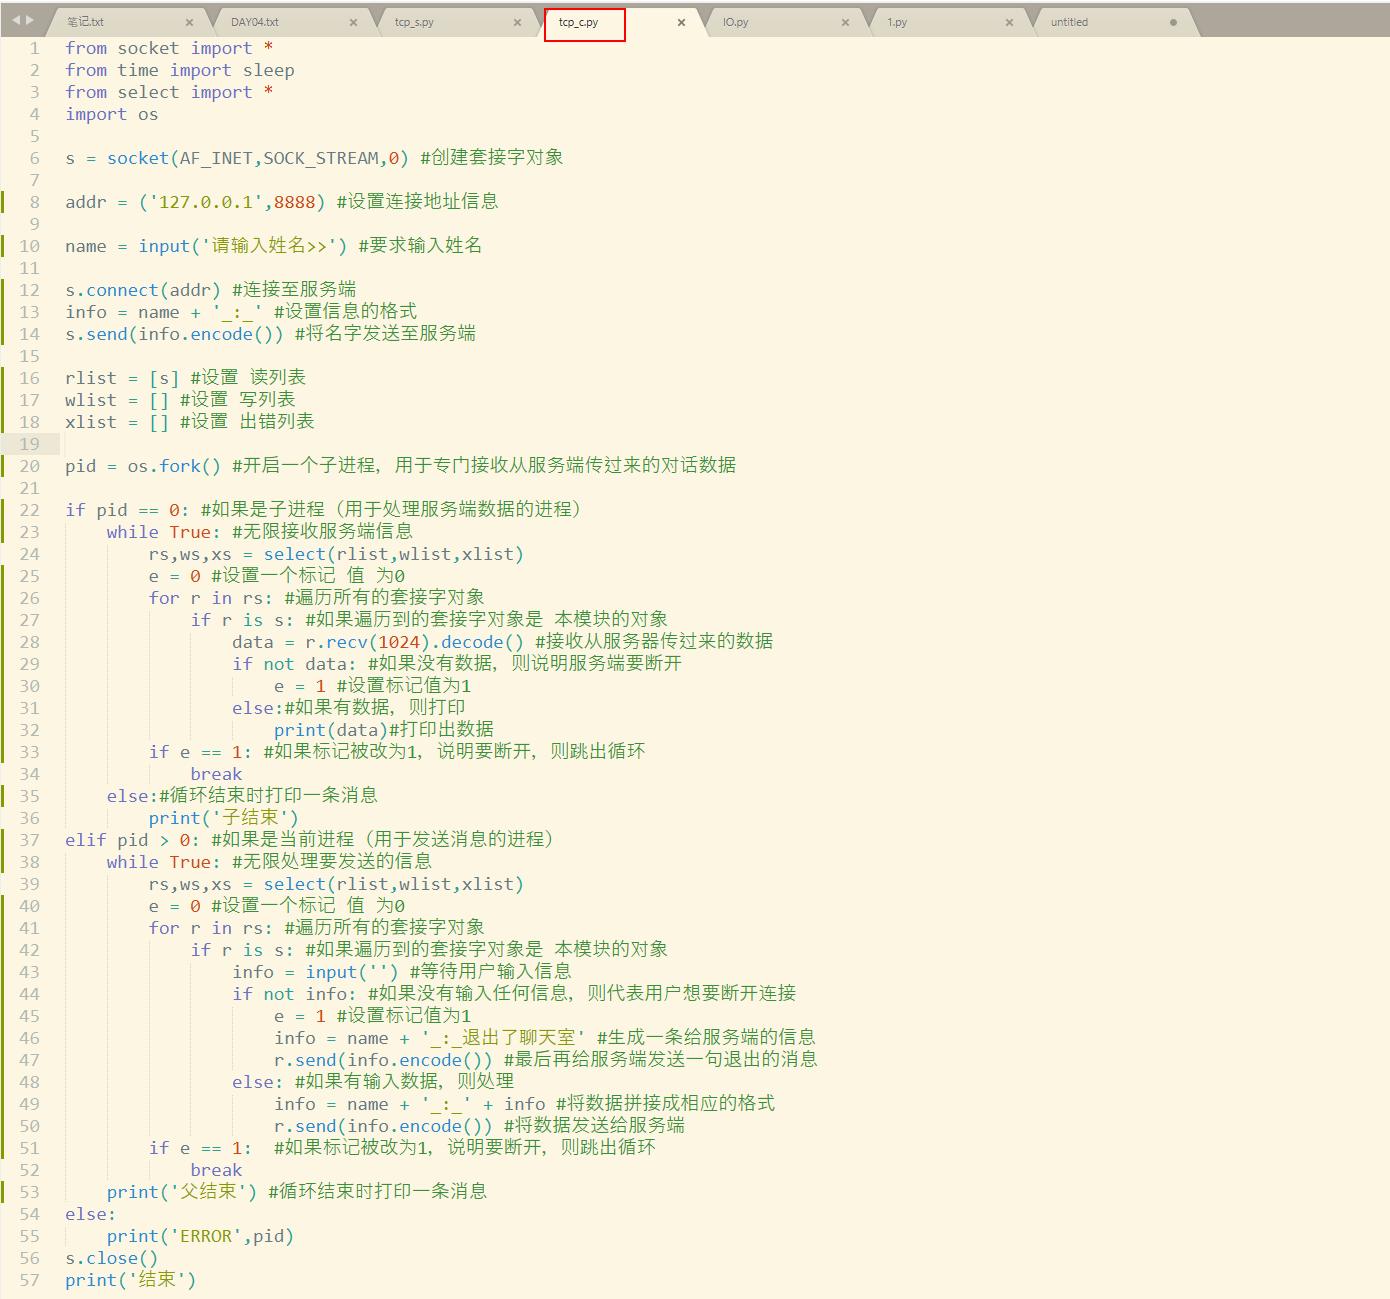 tcp_c.py代码